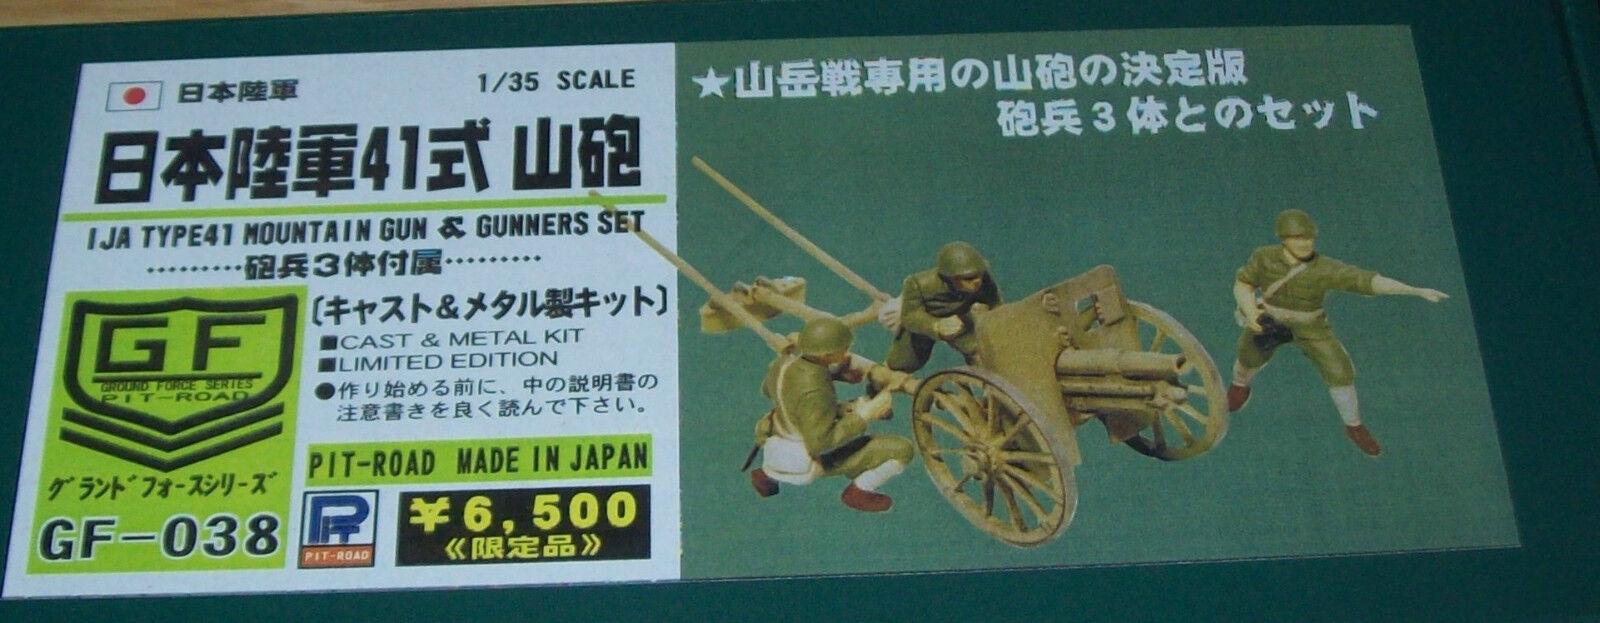 1 35 METAL PIT ROAD IJA JAPANESE TYPE 41 MOUNTAIN GUN & GUNNERS SET WW2